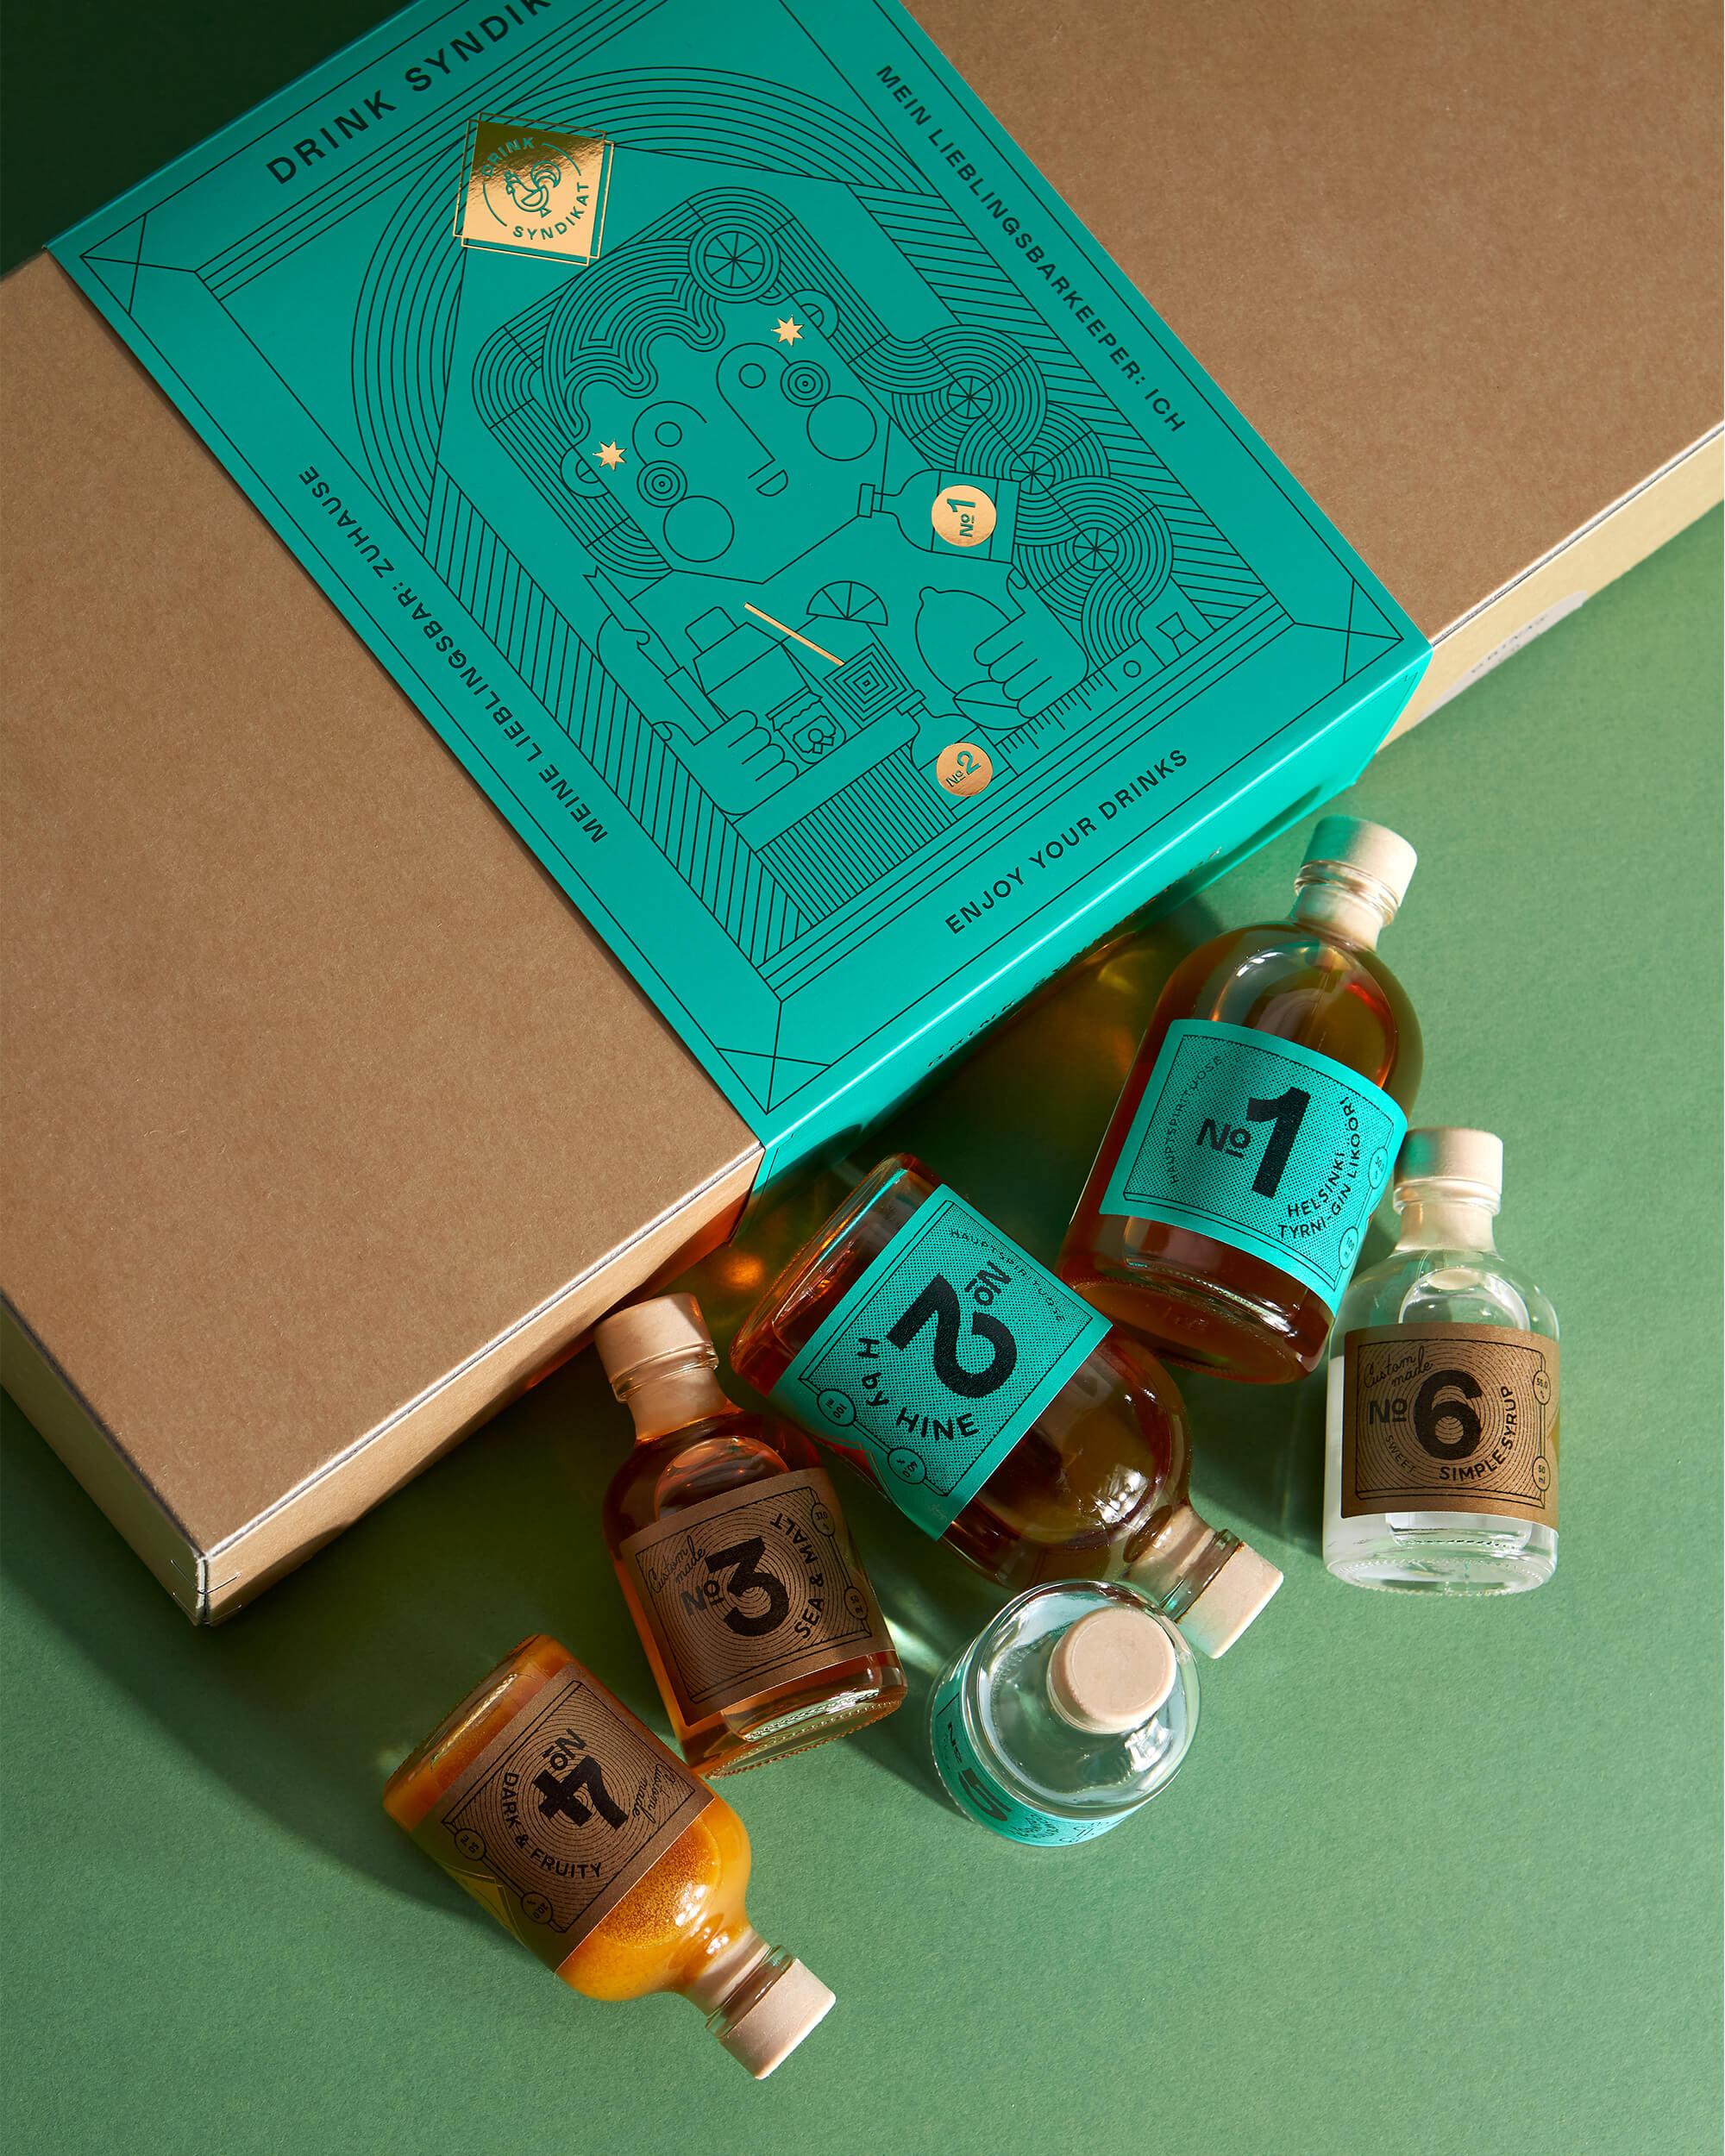 Verpackung mit Produkten